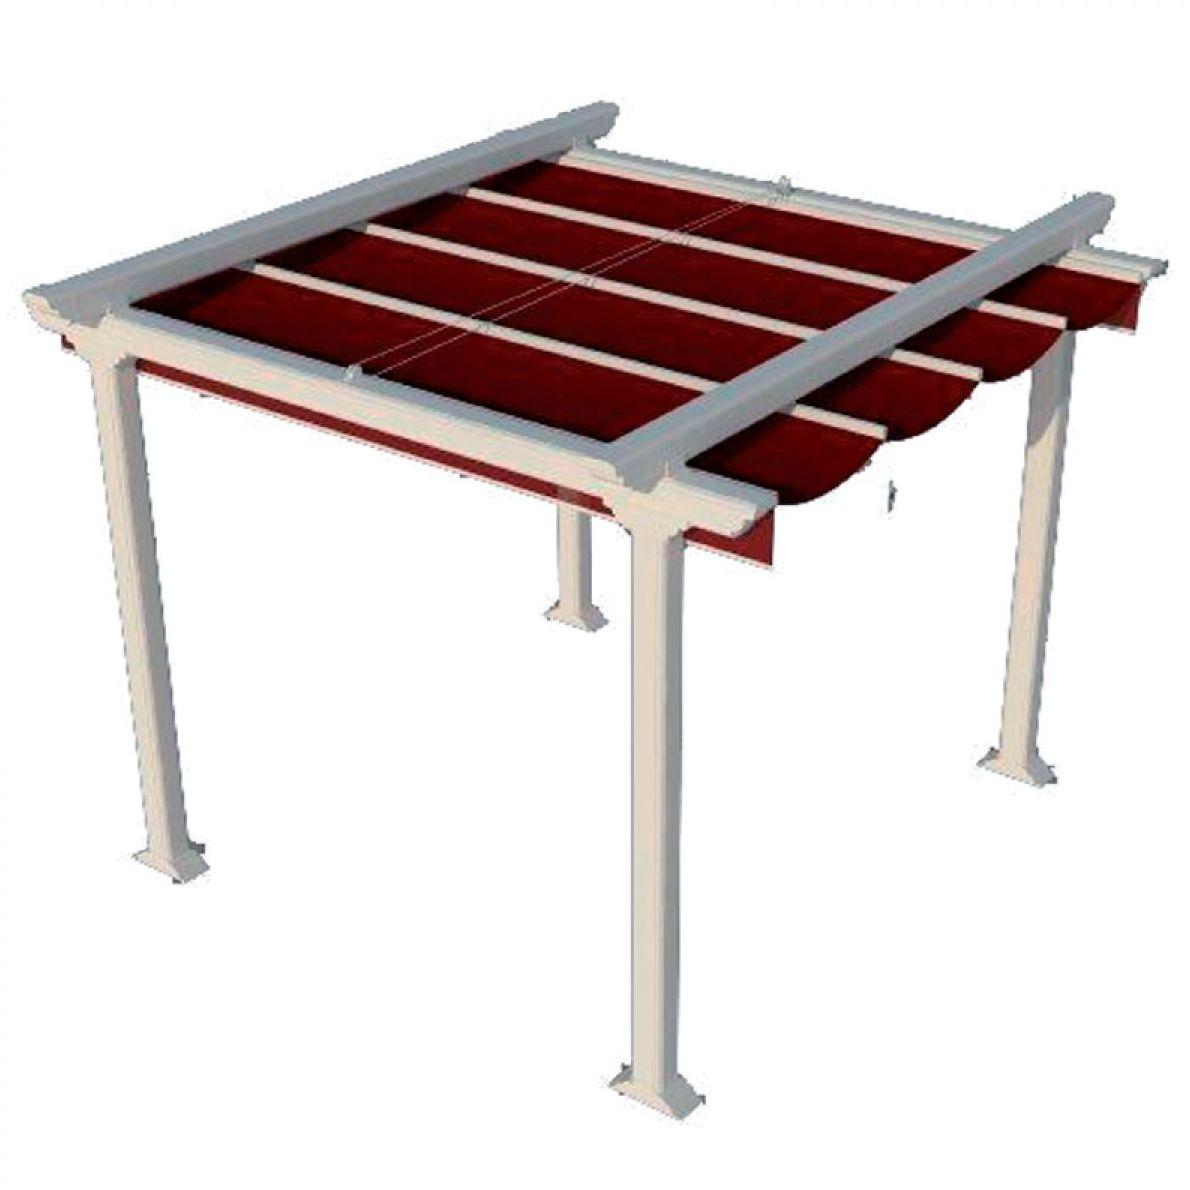 Toldo Palilleria 120x120: Productos y distribuidores de Toldos y Muebles Calypso